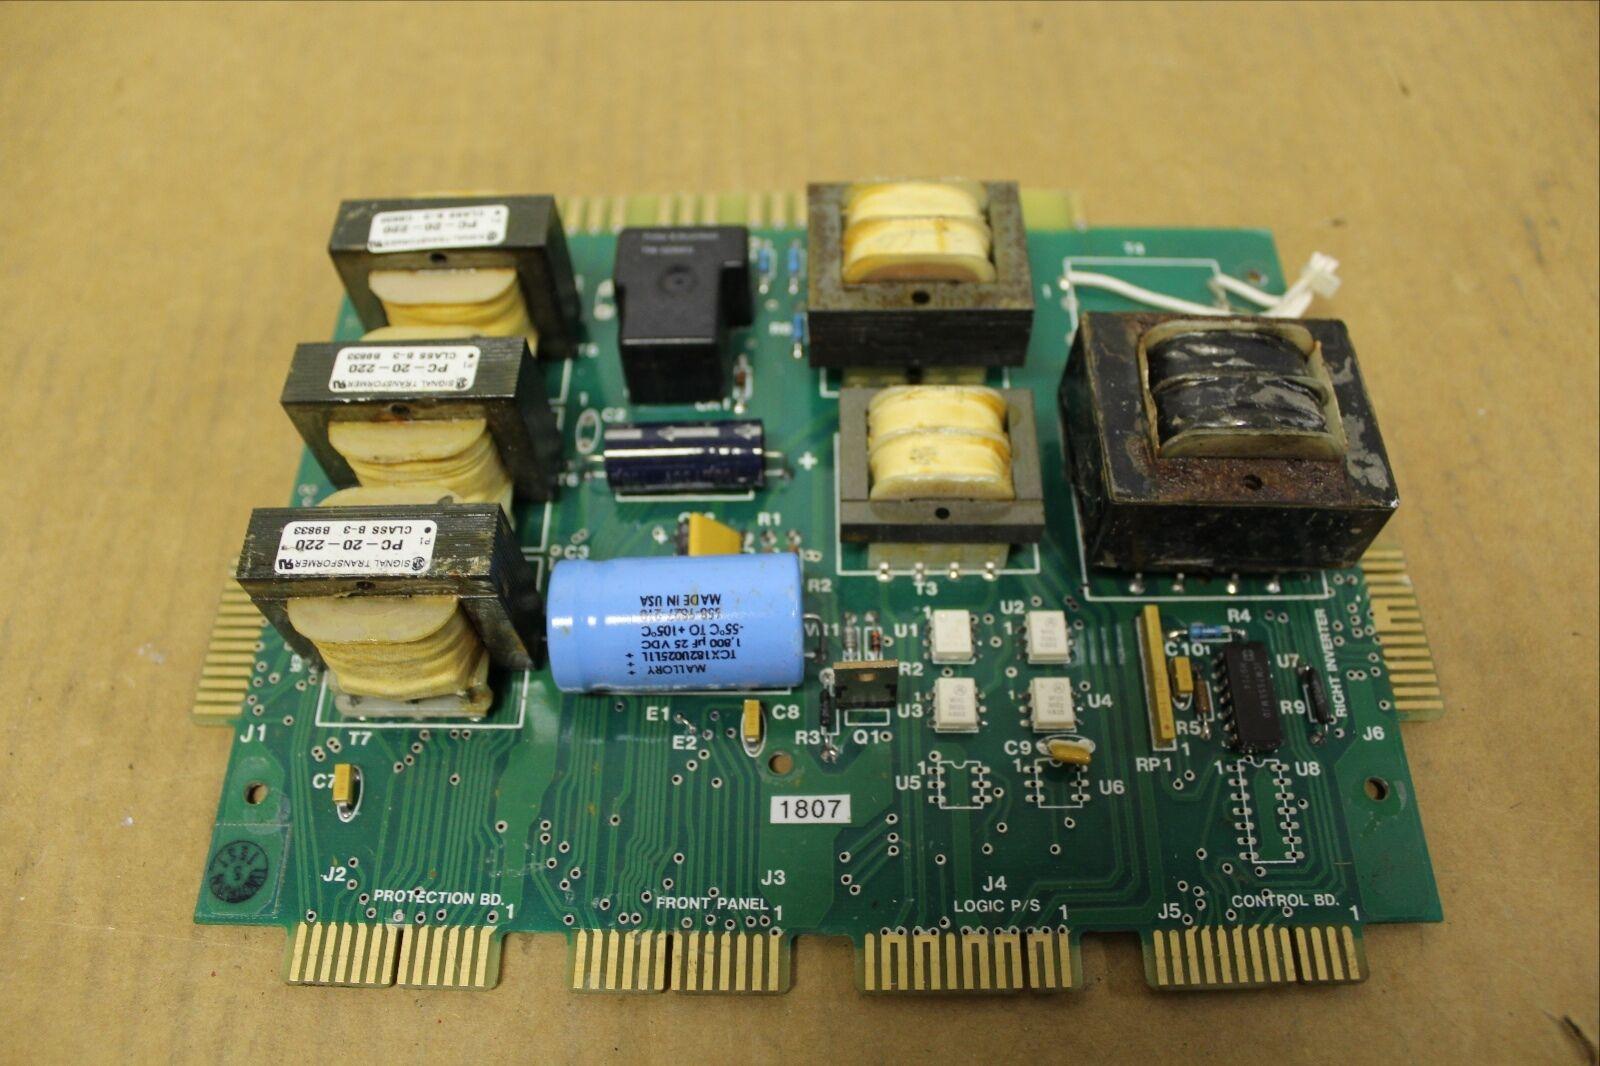 NEC CIRCUIT BOARD CARD 195-15008-6 12175 REV. Y